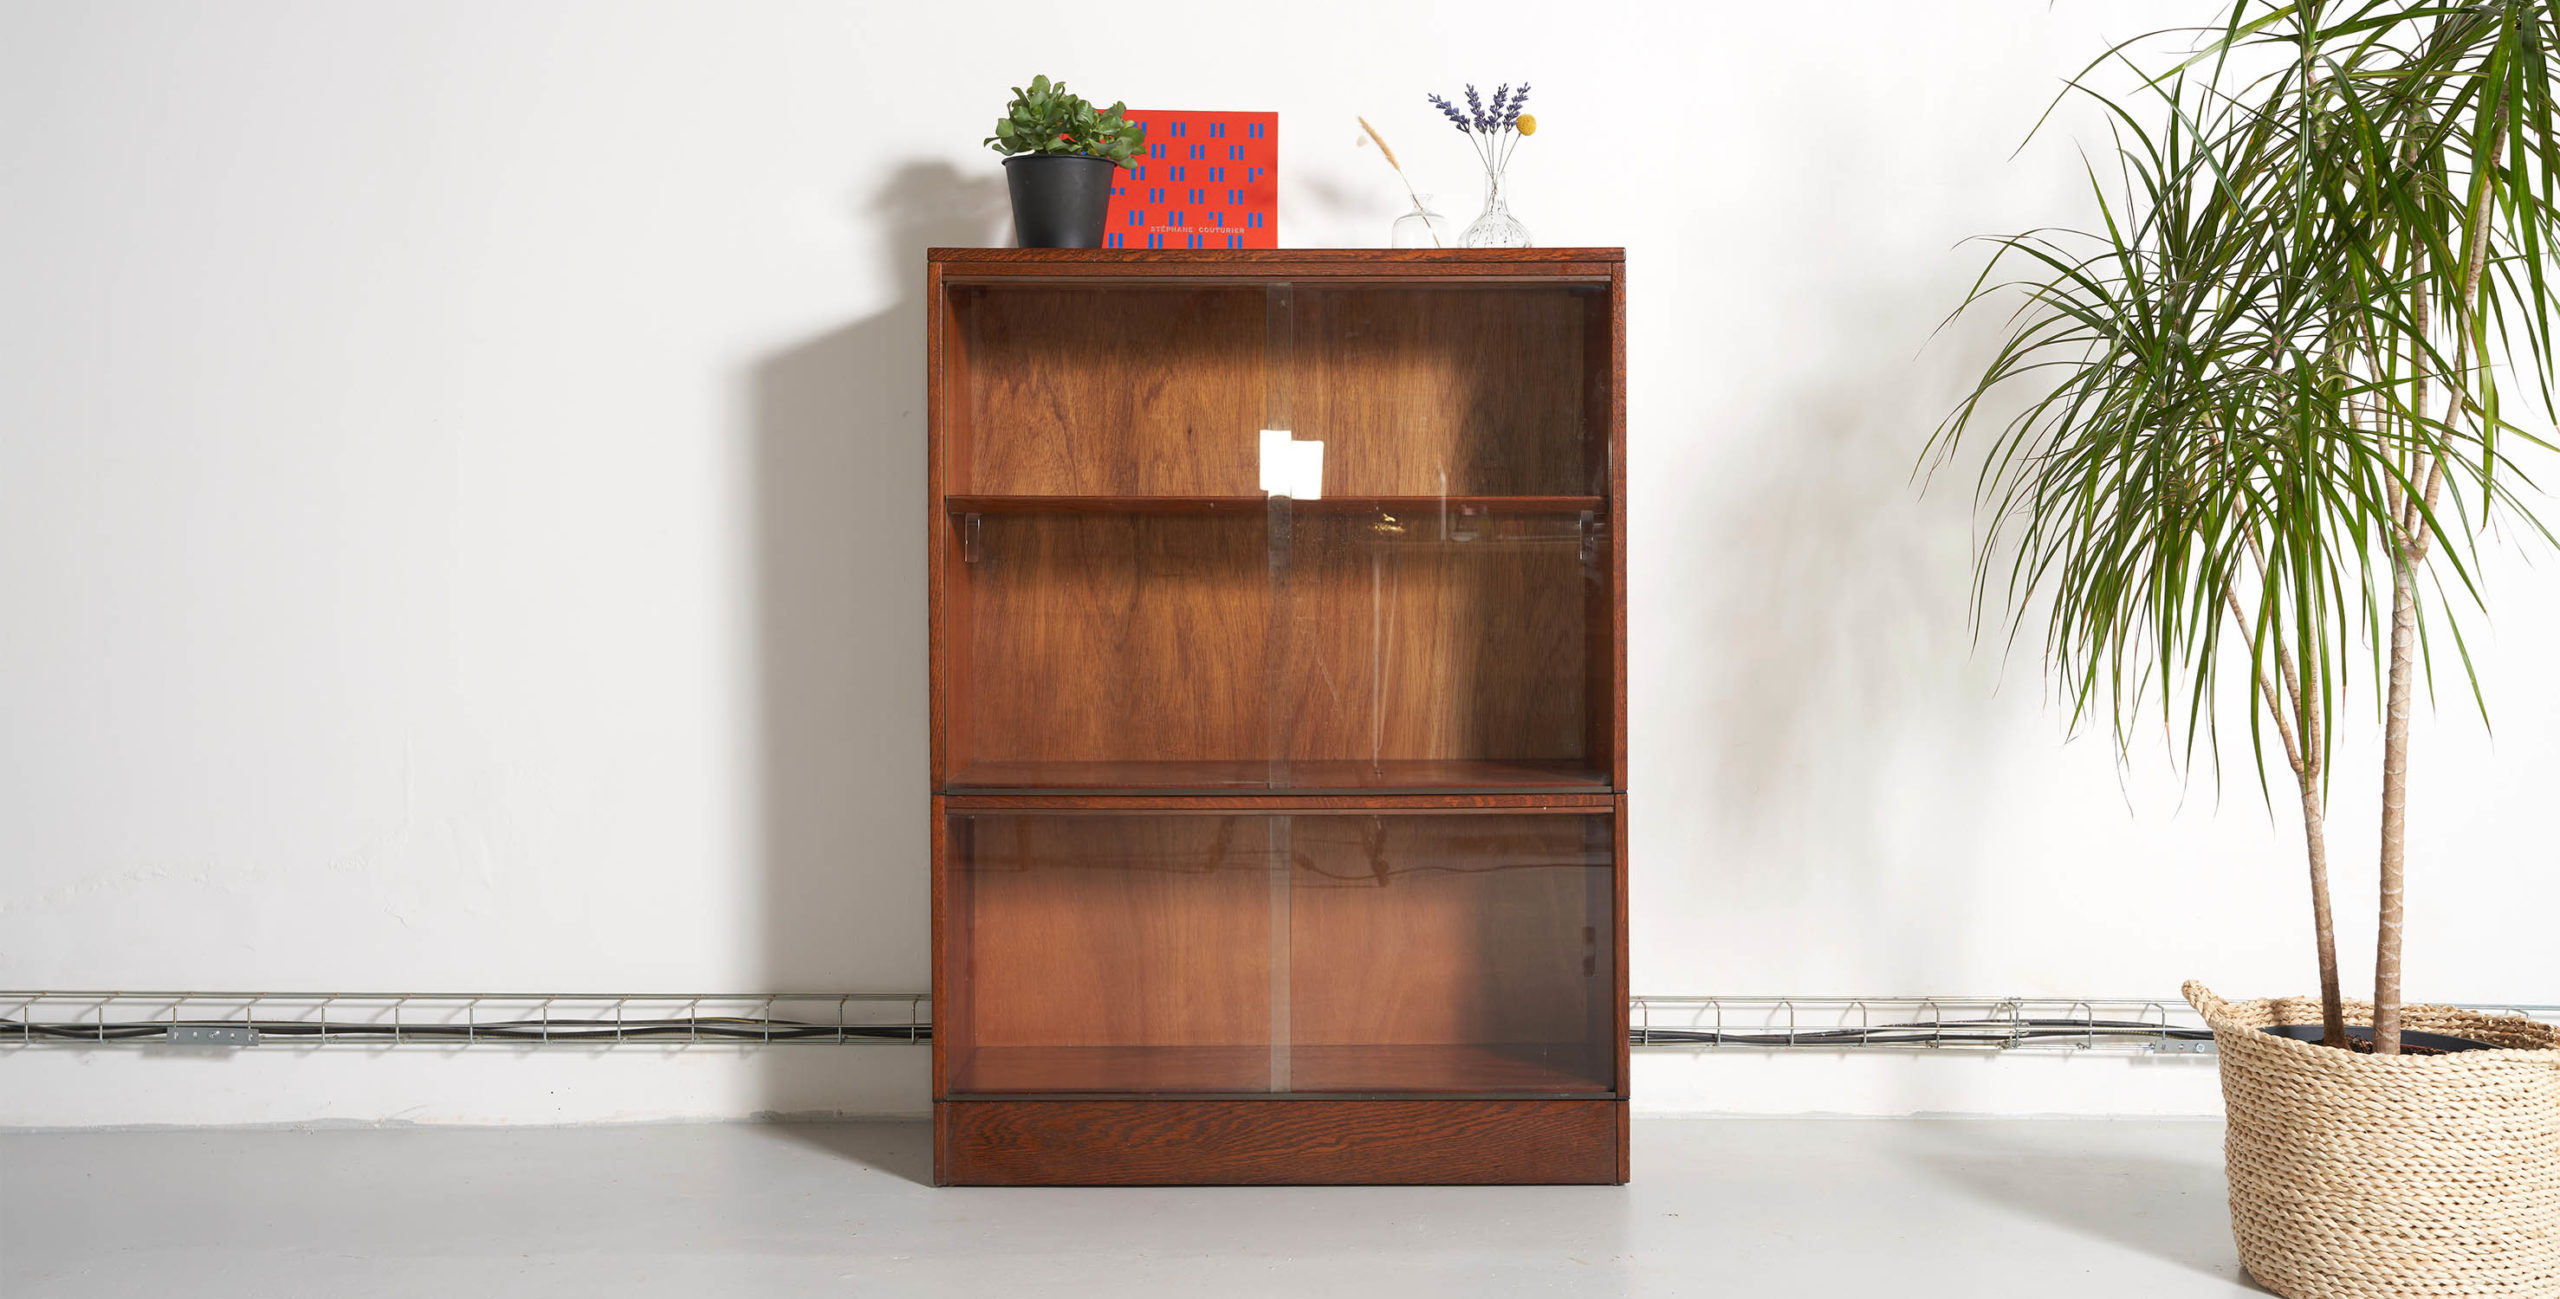 bibliotheque vintage, bibliothèque vintage, meuble vintage, meuble portes coulissantes, angus, petite bibliothèque, petite bibliothèque vintage